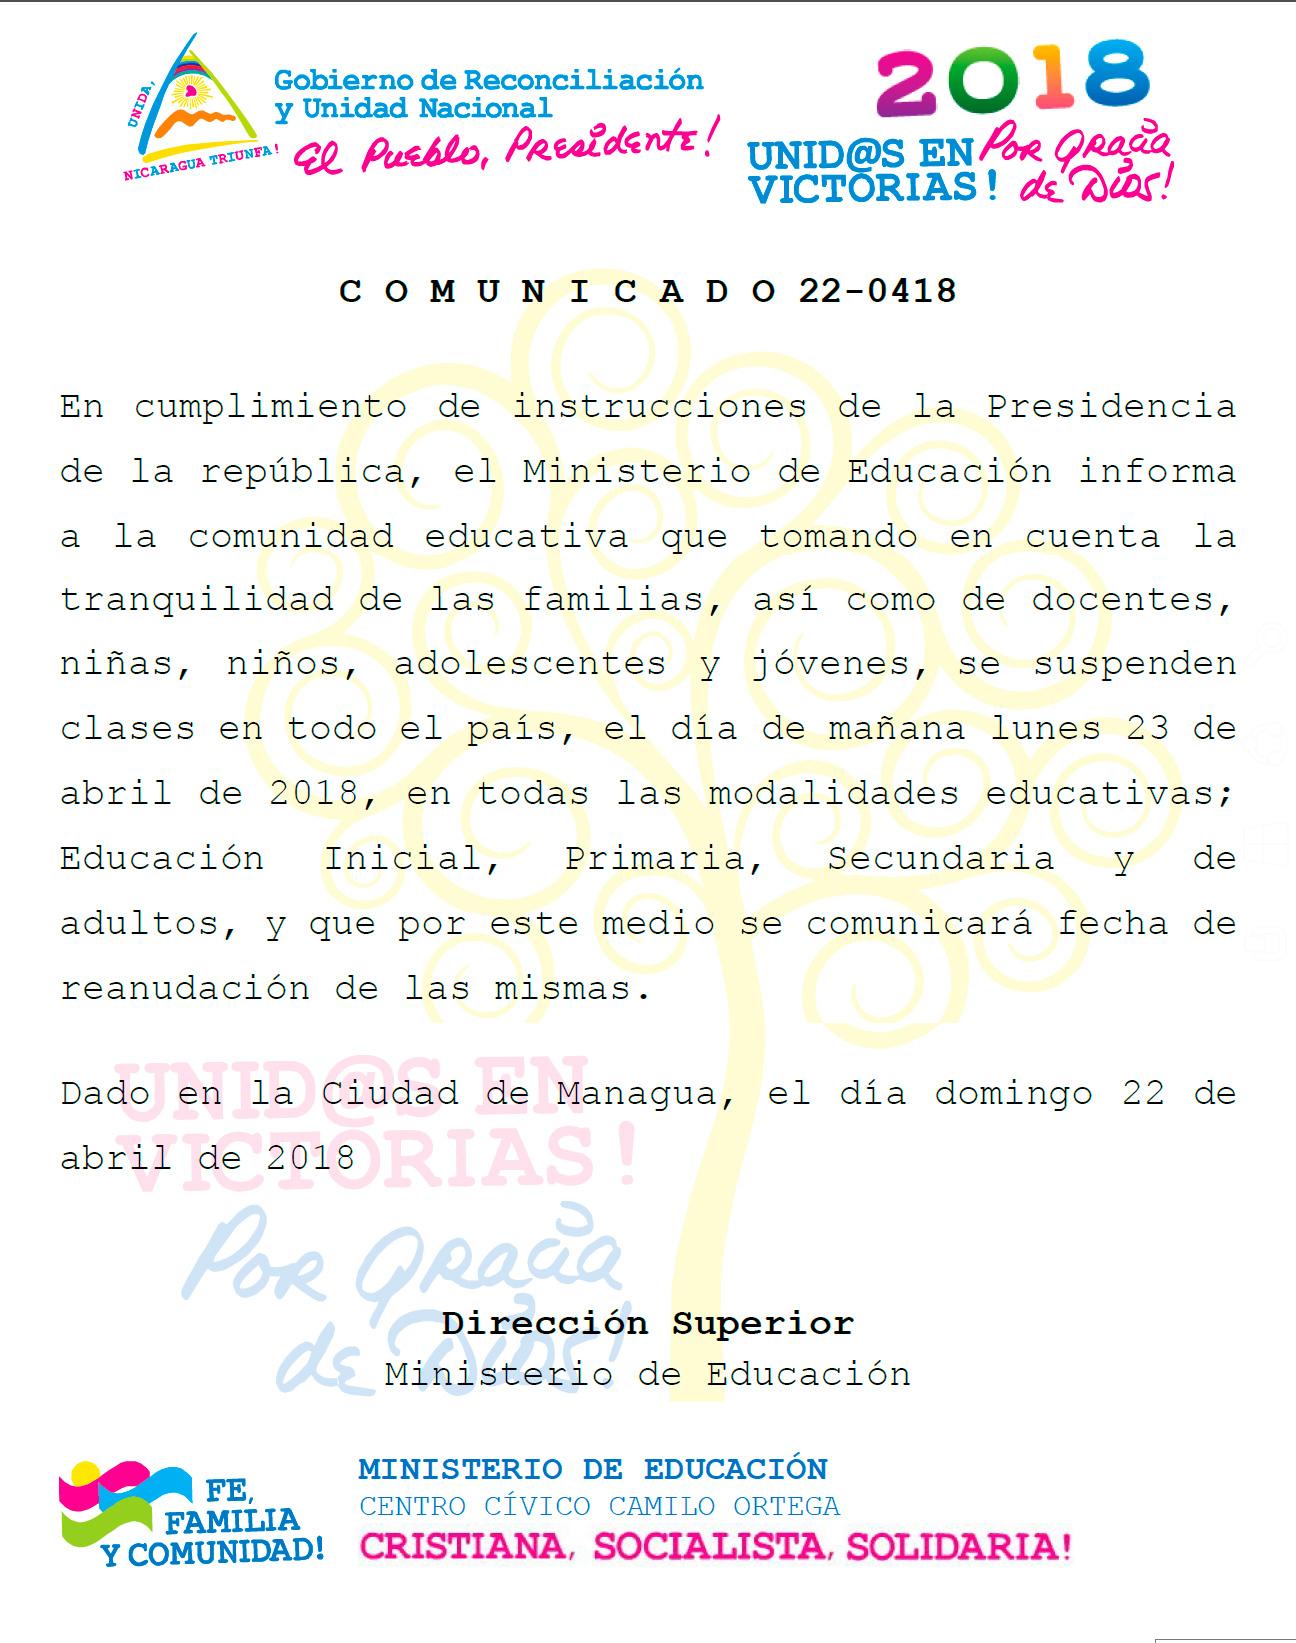 Dorable Reanudar Muestra Del Propietario Del Negocio Colección de ...